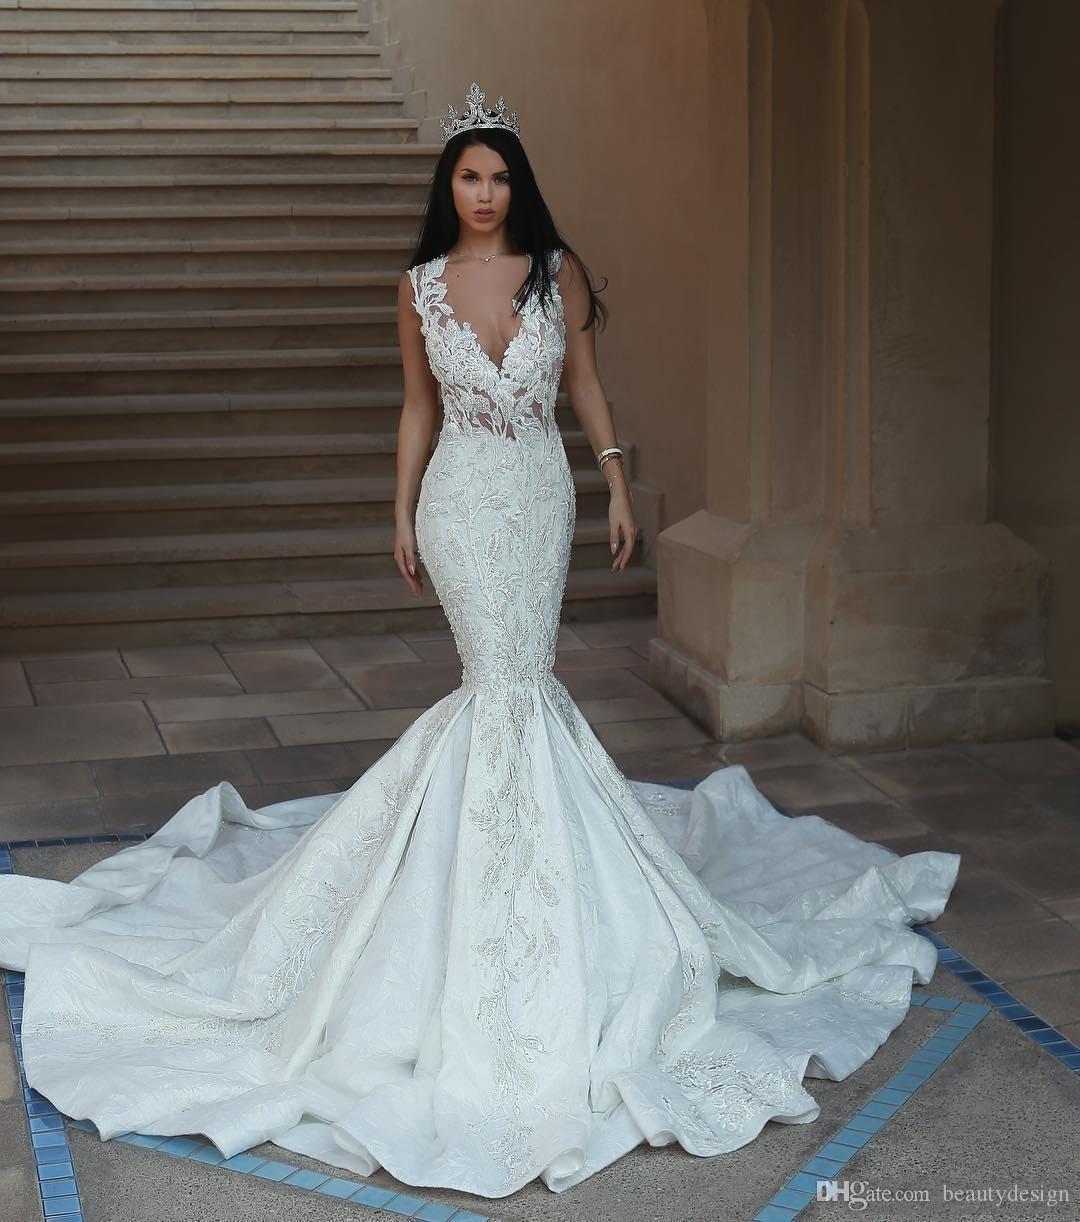 Acheter 2018 Magnifique Robes De Mariée Sirène Sans Manches Perles Dentelle  Appliques Robe De Mariée Dos Nu Glamour Dubai Dentelle Balayer Train Robes